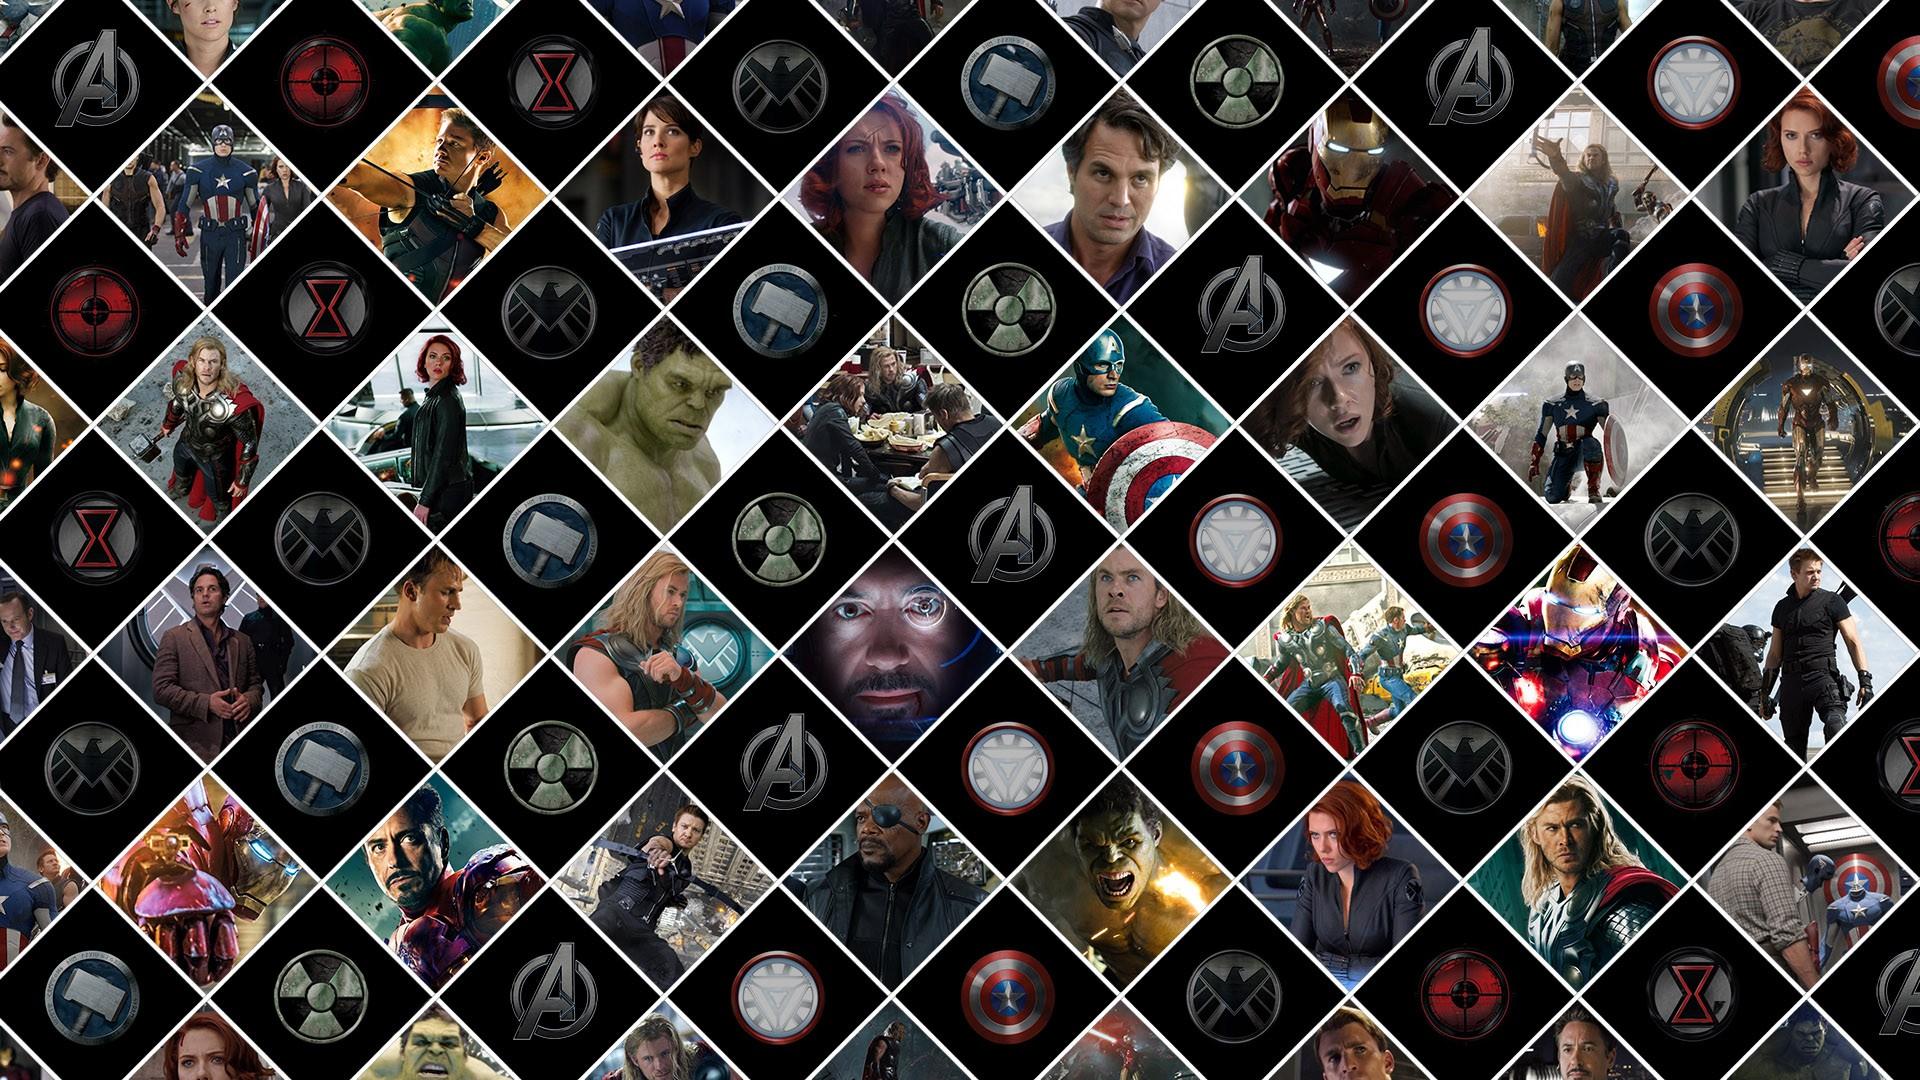 Marvel the avengers wallpaper wallpapersafari - Avengers superhero wallpaper ...